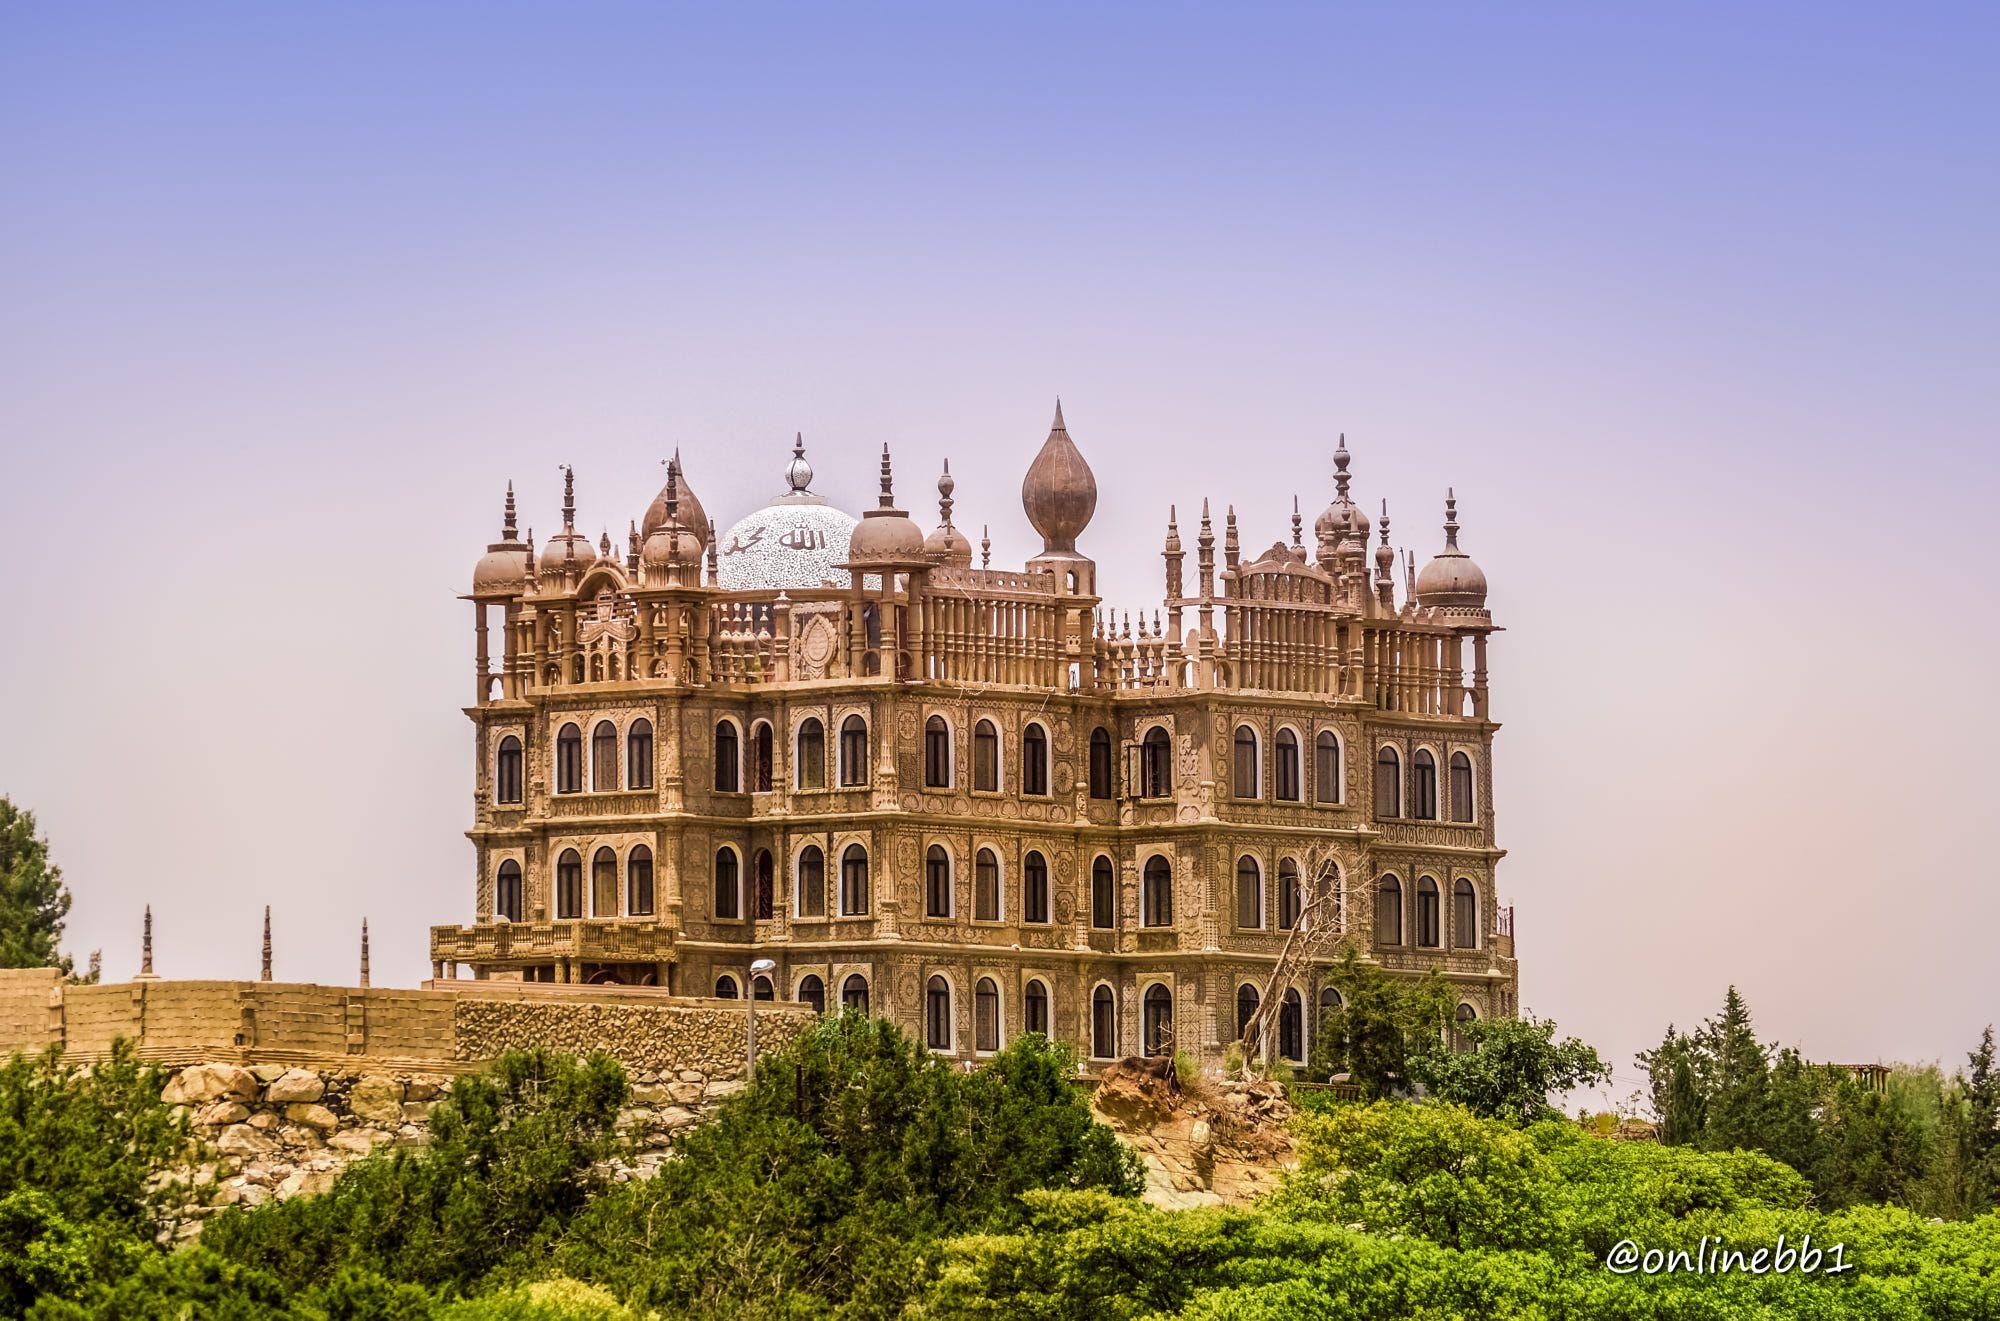 قصر المقر في النماص السعودية Magr Palace In Saudi Arabia Mansions Castle Palace